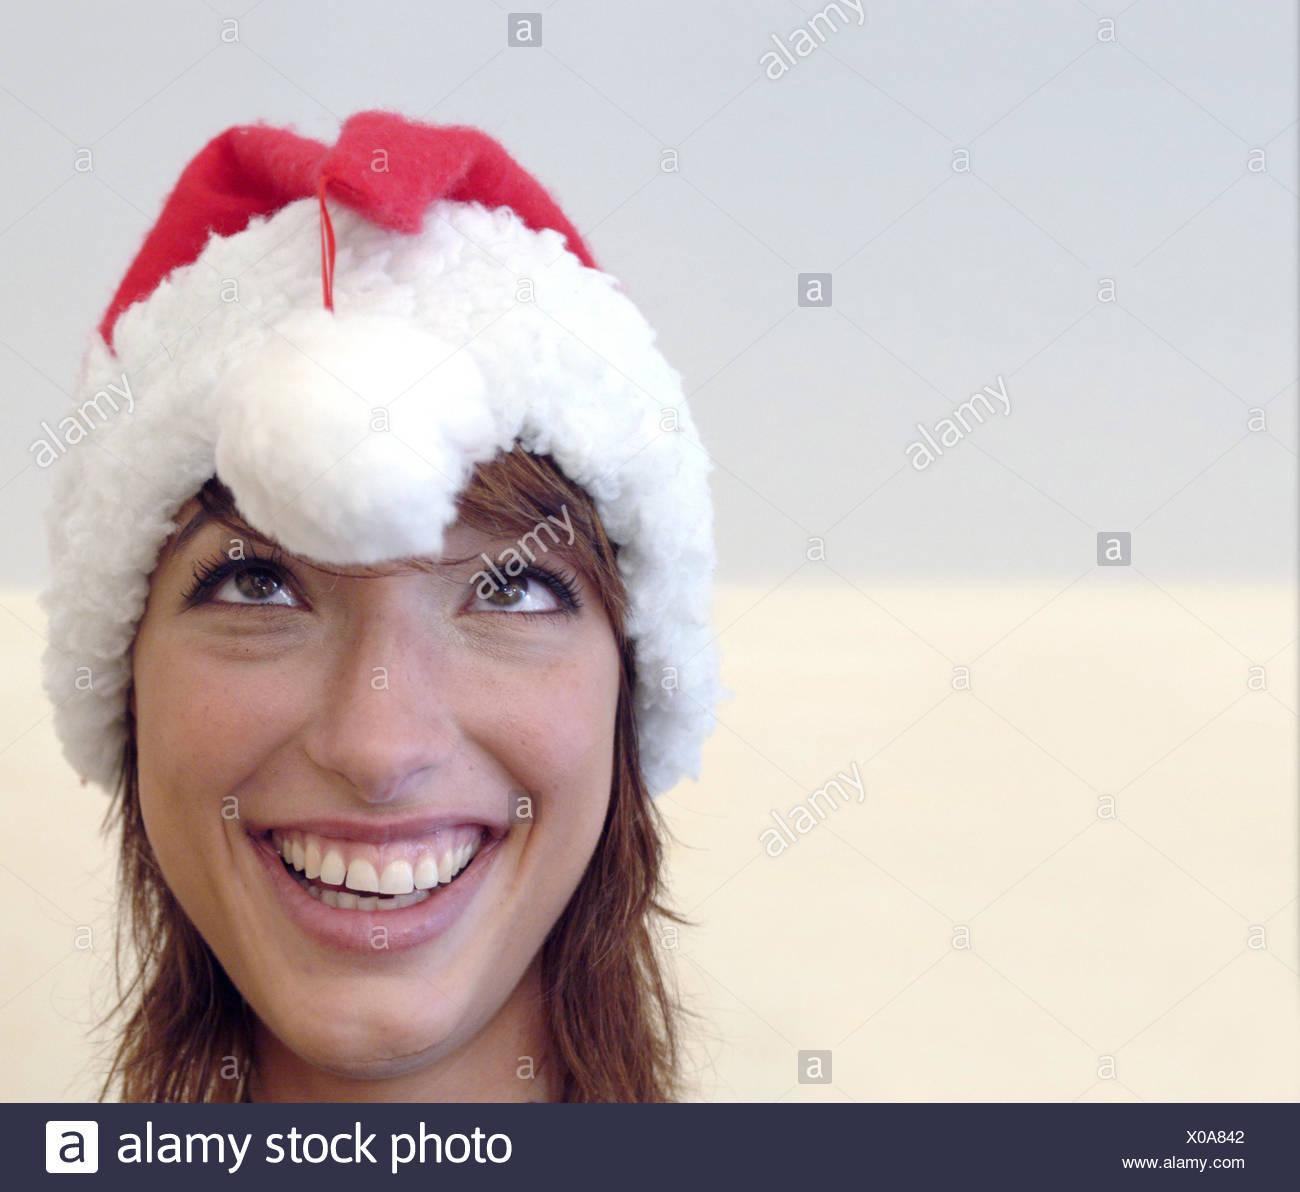 Frau, junge, Lächeln, da schielen, Bommel, die Weihnachtsmütze ...